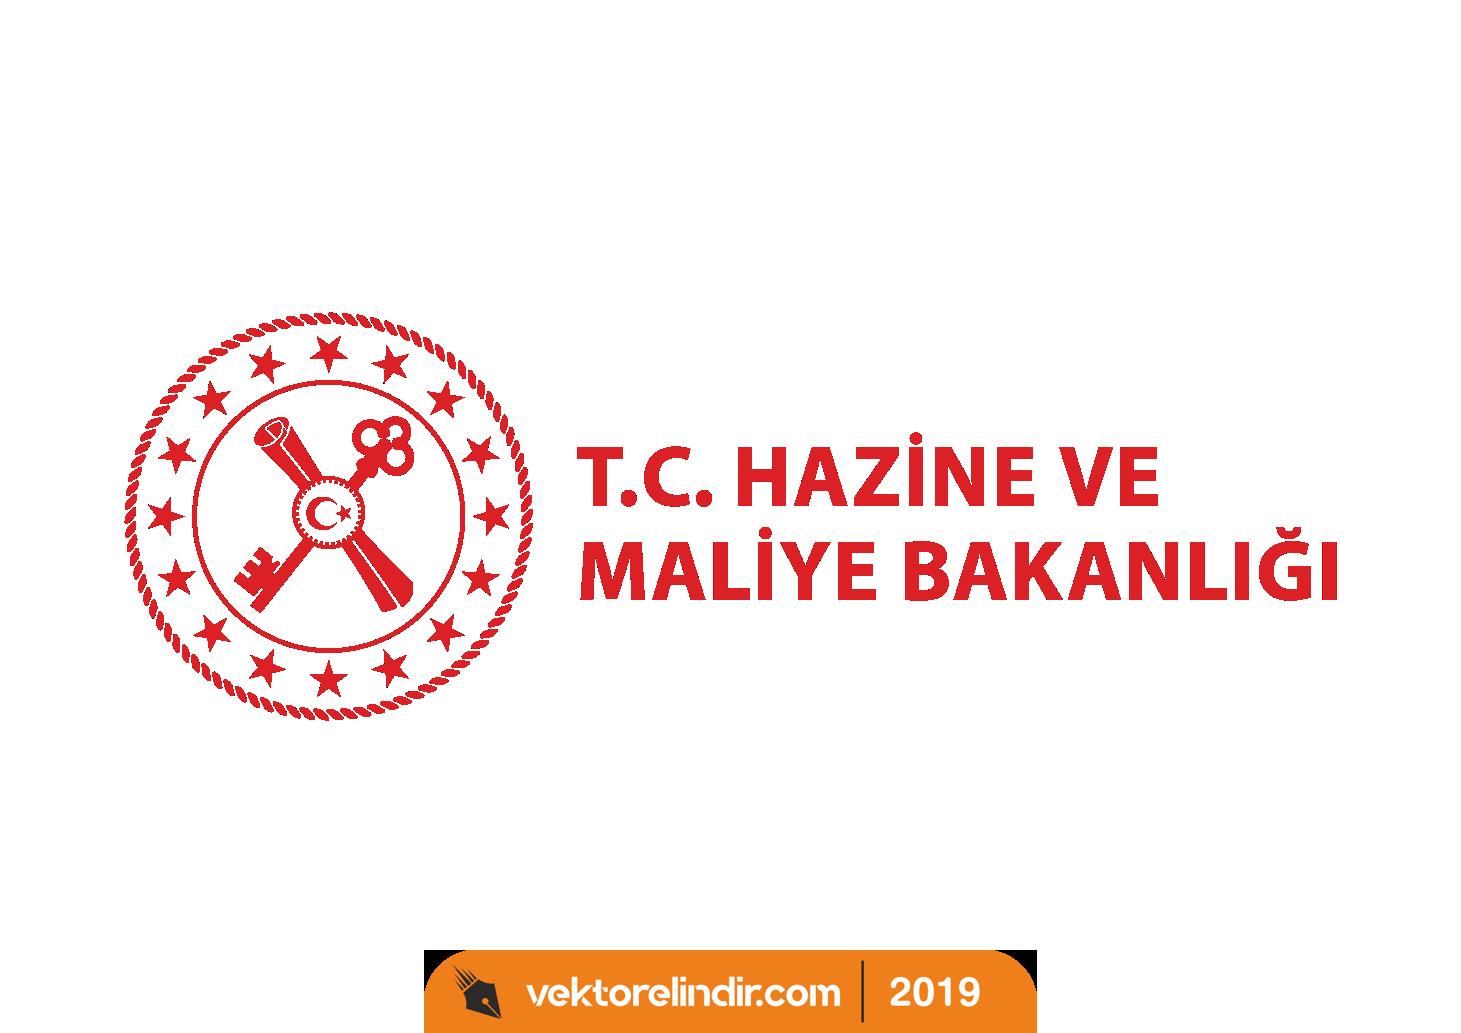 Tc Hazine ve Maliye Bakanlıgı Yeni Logo_Png_3